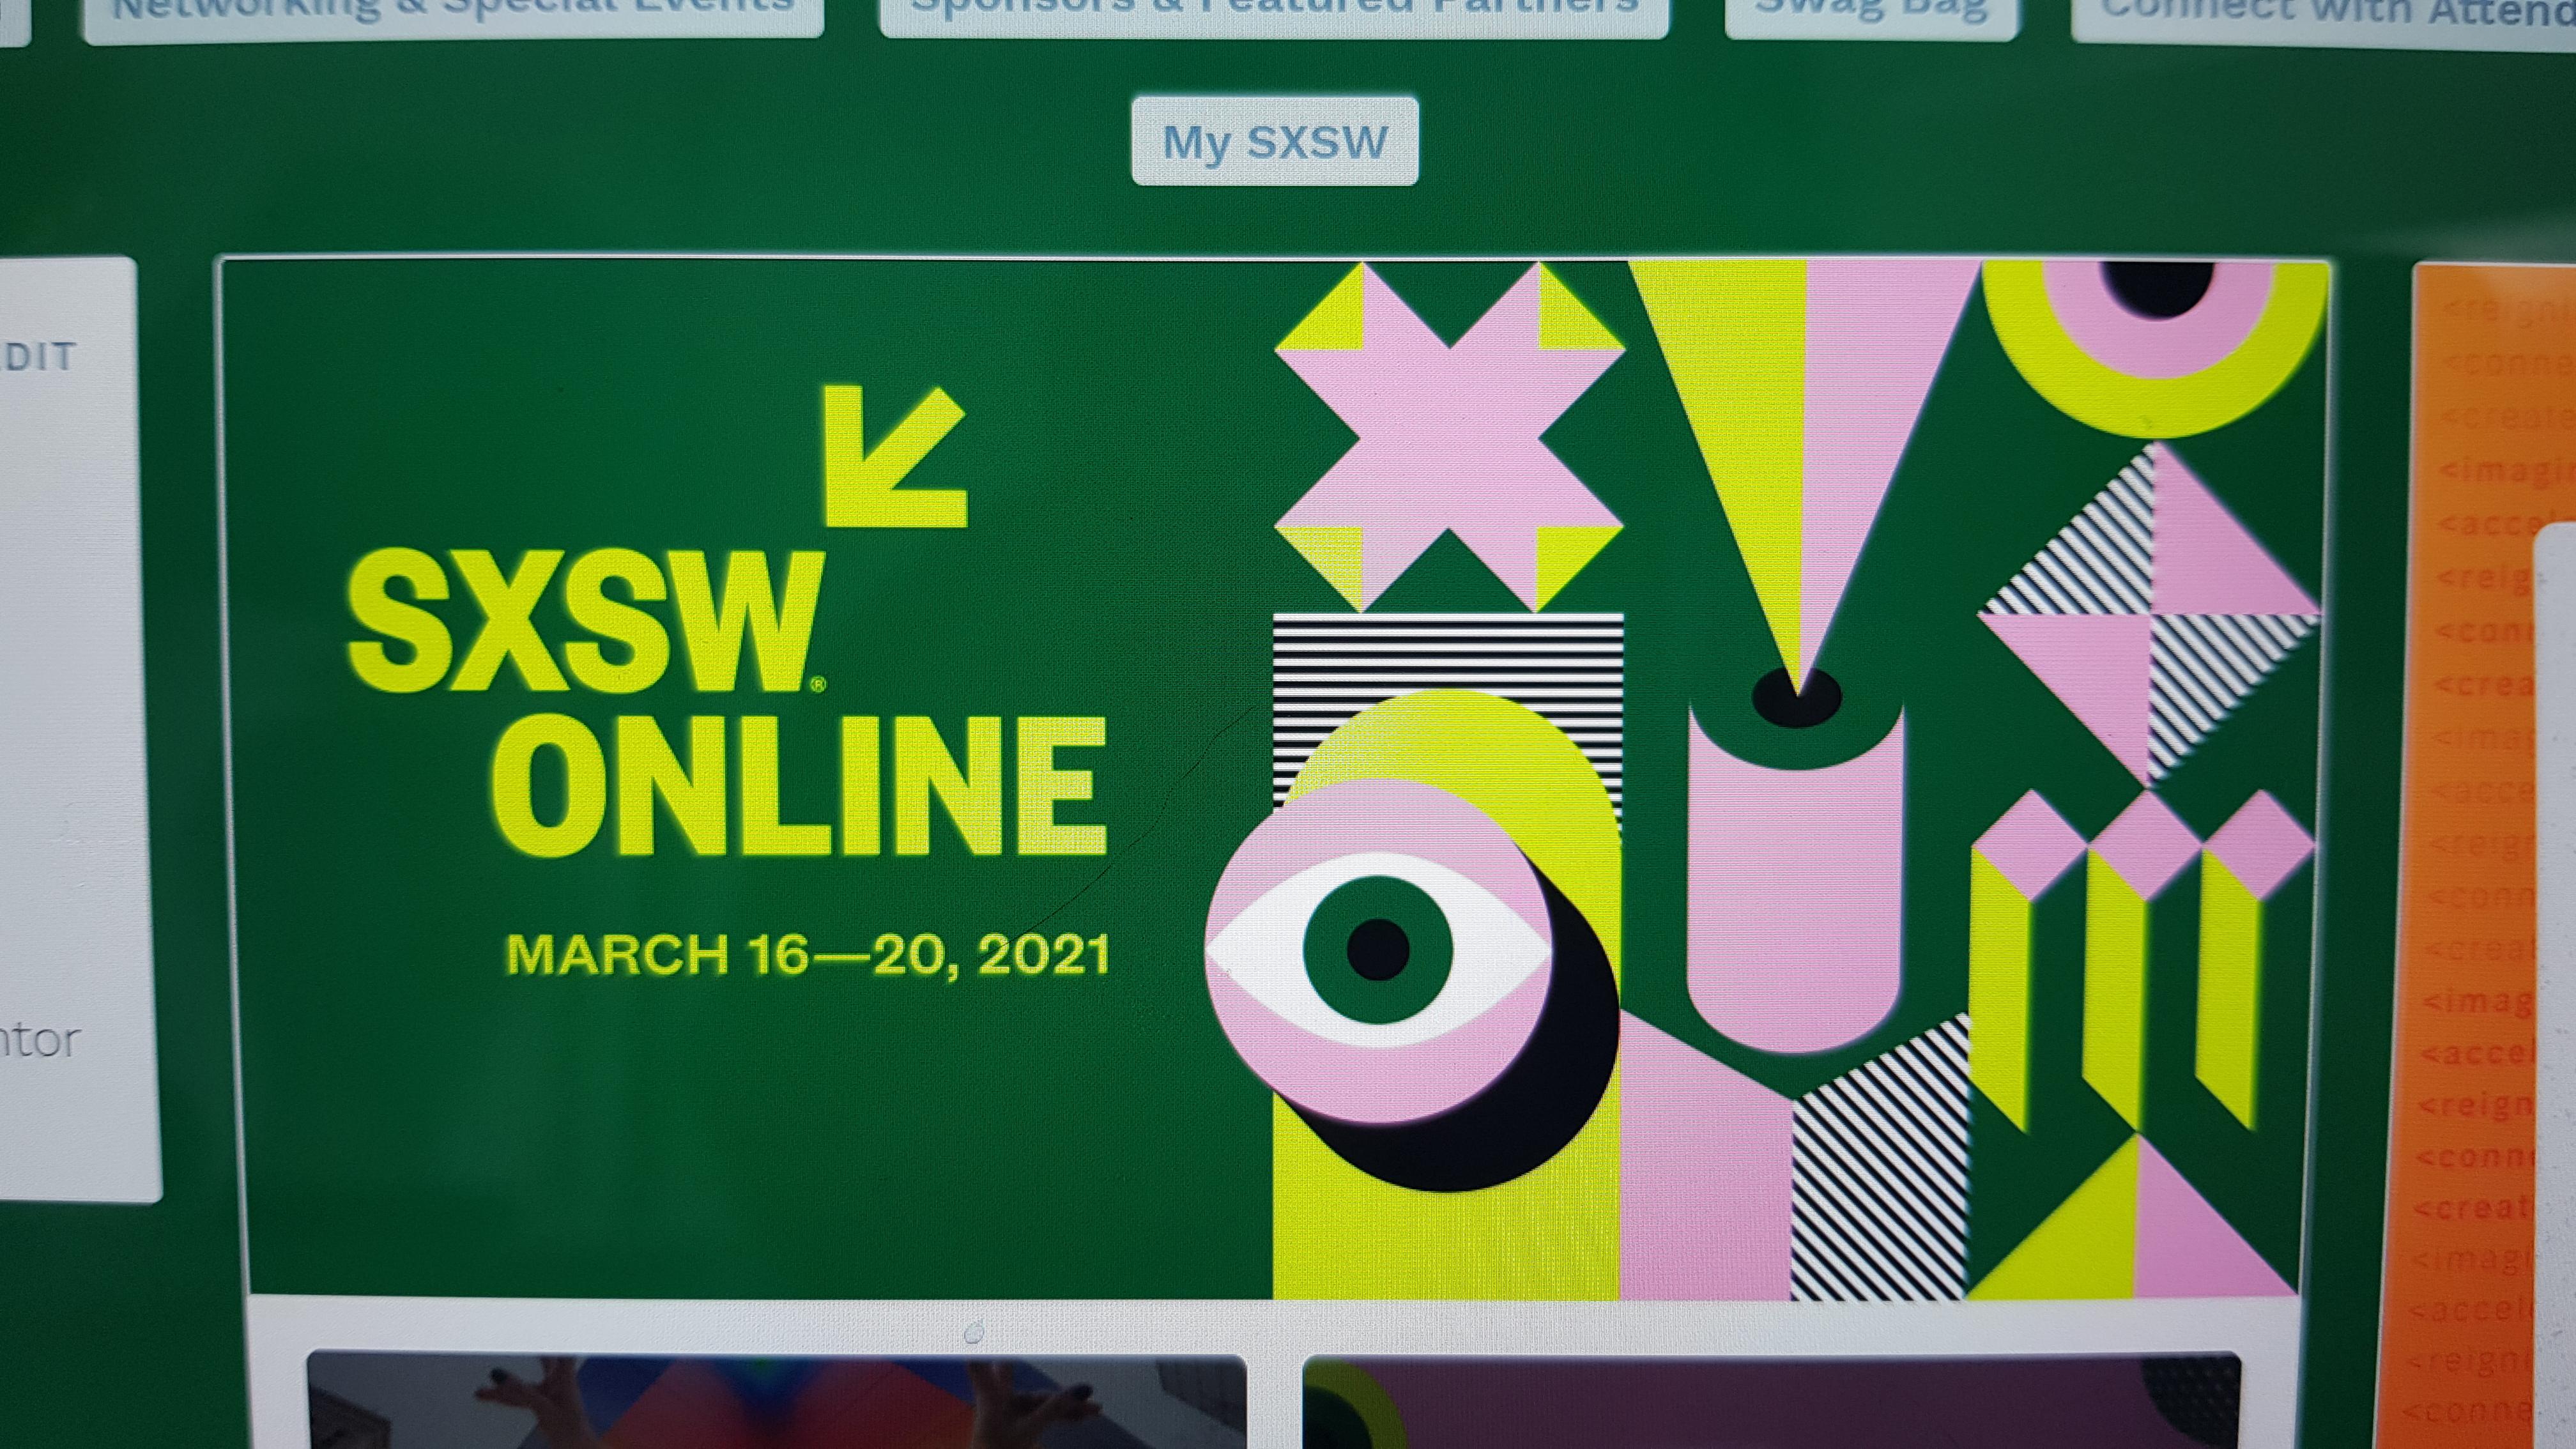 Virtual SXSW